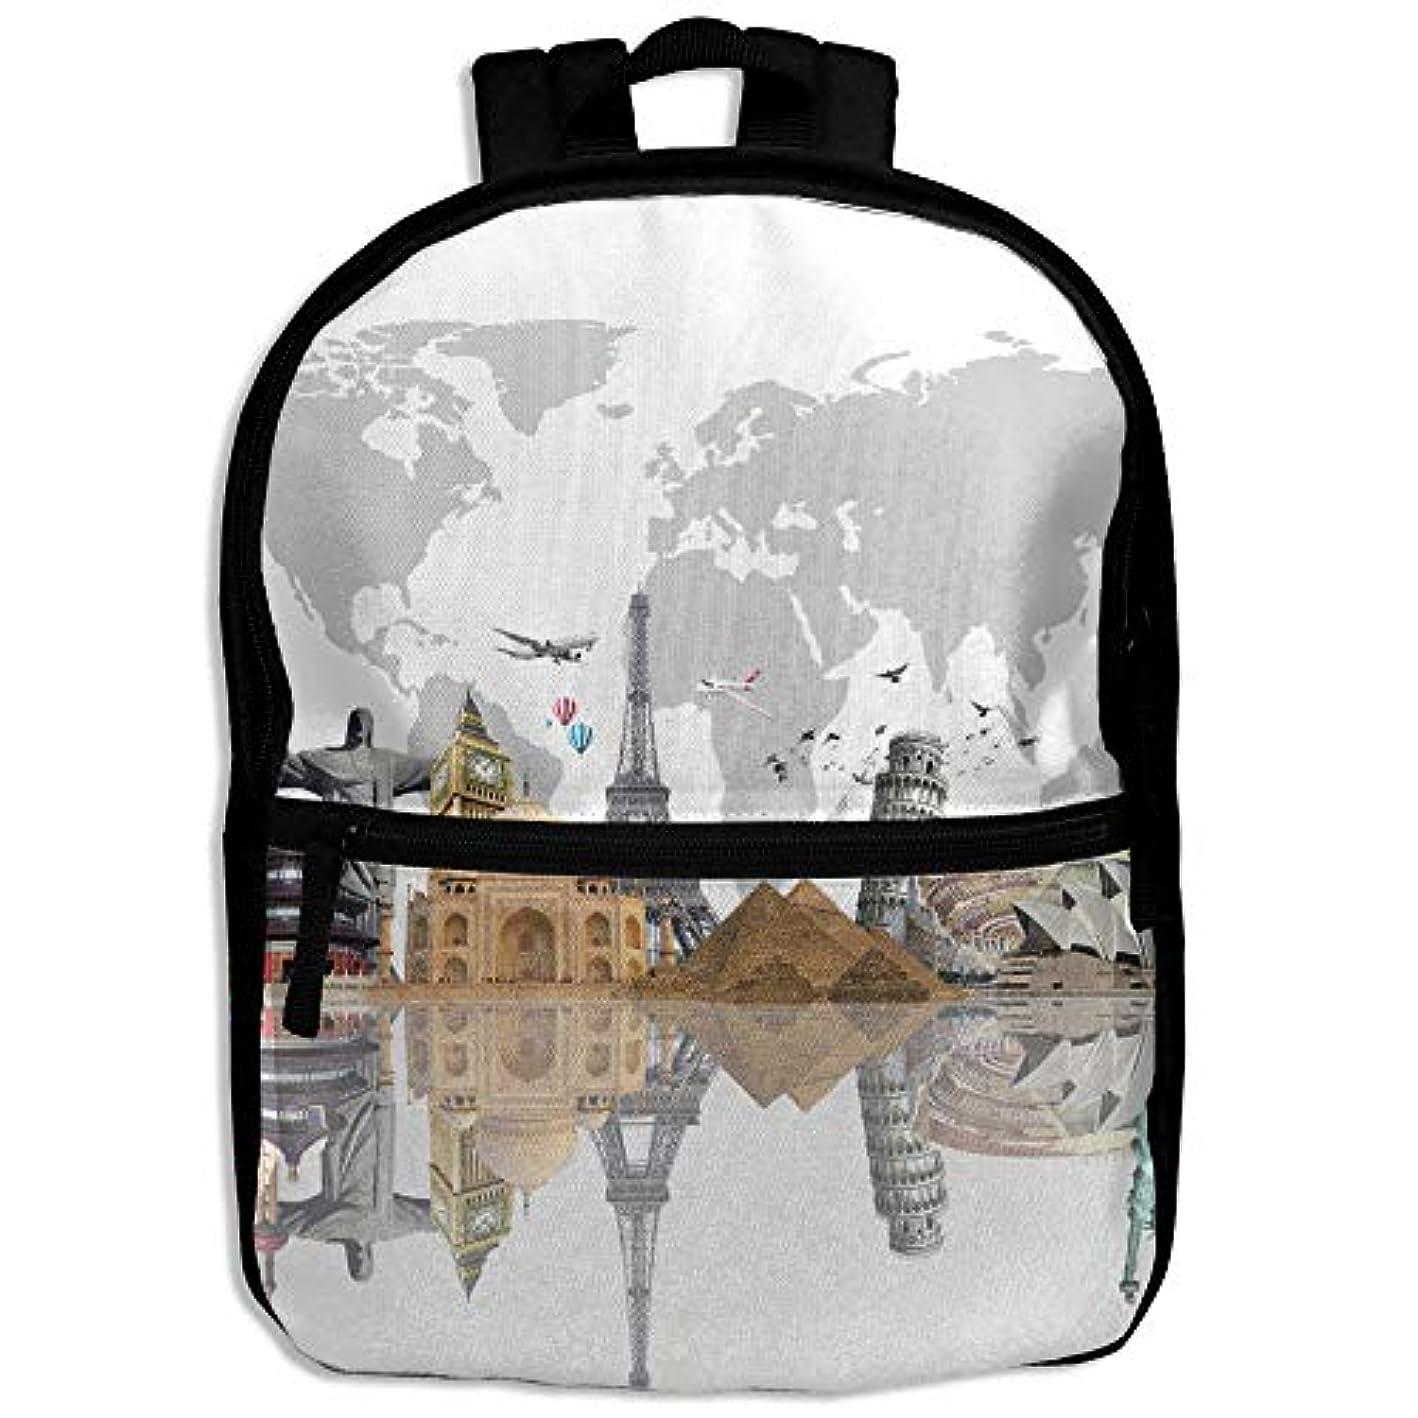 対抗責め貫入キッズバッグ キッズ リュックサック バックパック 子供用のバッグ 学生 リュックサック 世界地図 アウトドア 通学 ハイキング 遠足